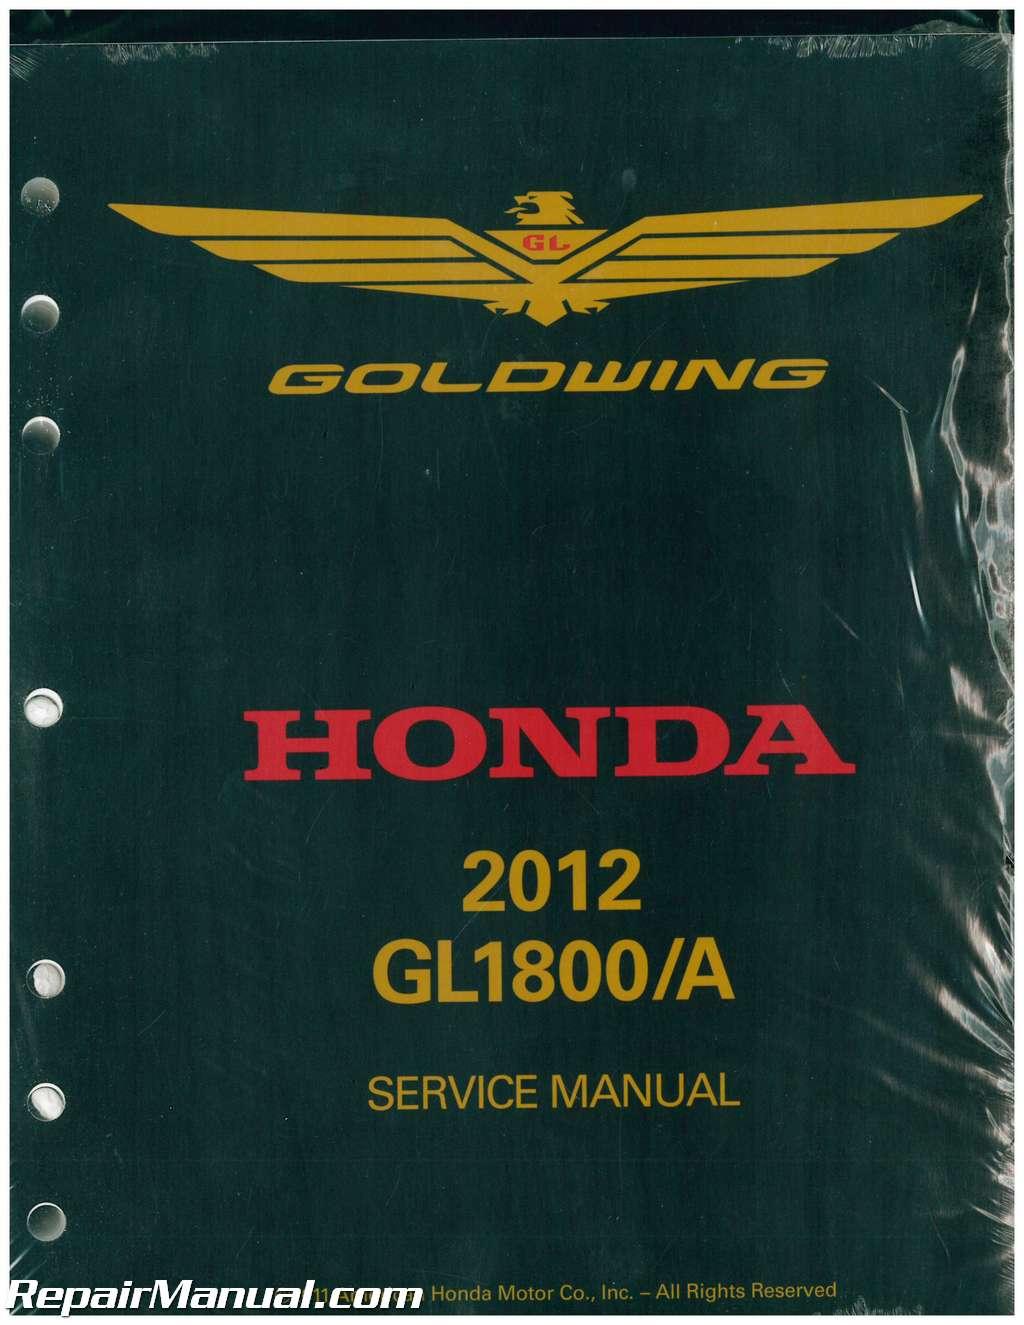 2012 honda gl1800a b goldwing motorcycle service manual rh repairmanual com 2012 honda goldwing gl1800 owner's manual 2016 Honda Goldwing